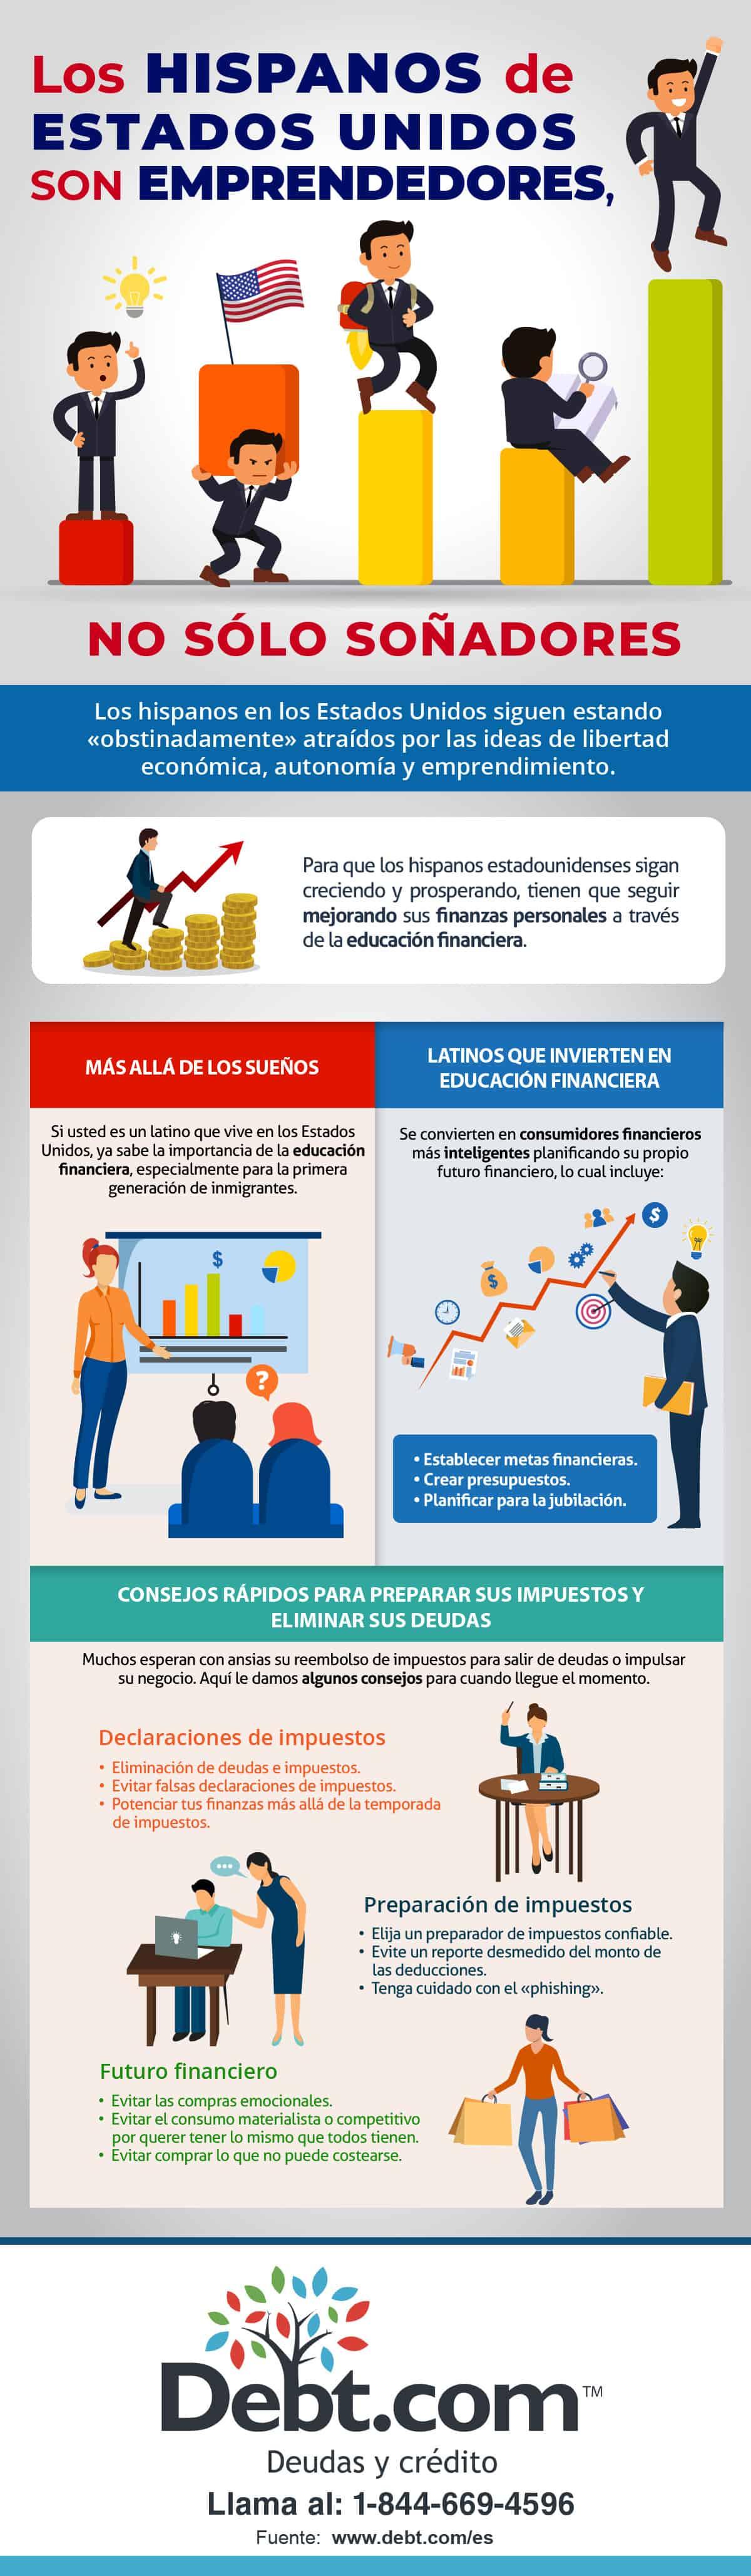 Hispanos emprendedores en eeuu